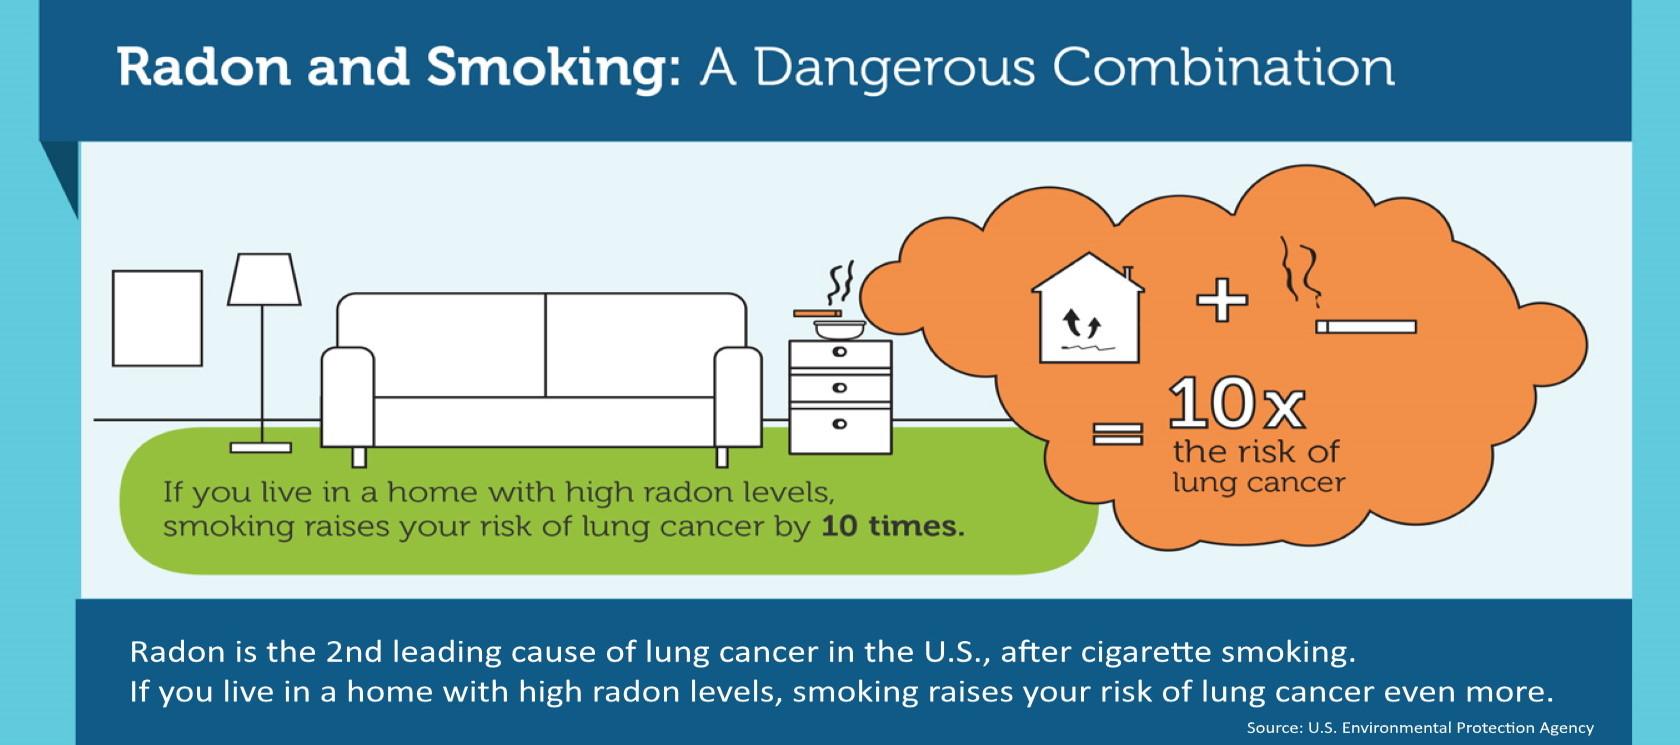 Radon and Smoking image